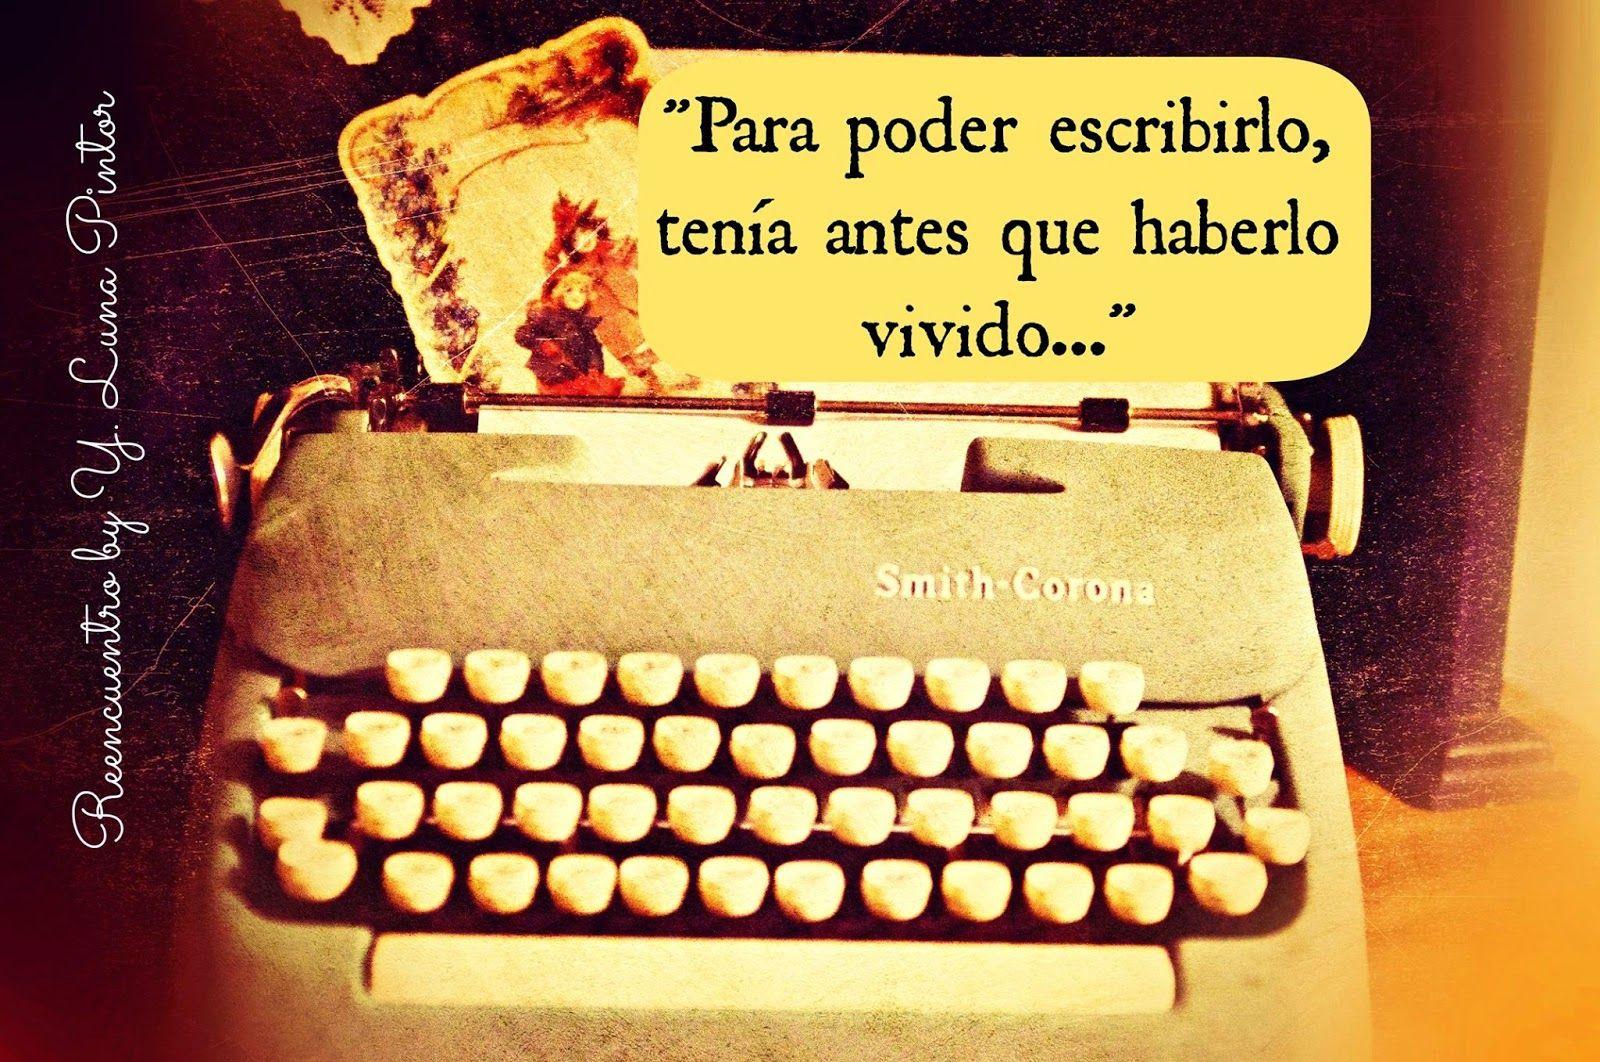 Frases Vintage || Novela Juvenil escrita por Y. Luna Pintor. Todos los Derechos Reservados. Para leerla, click en: http://reencuentroyolaluna.blogspot.mx/